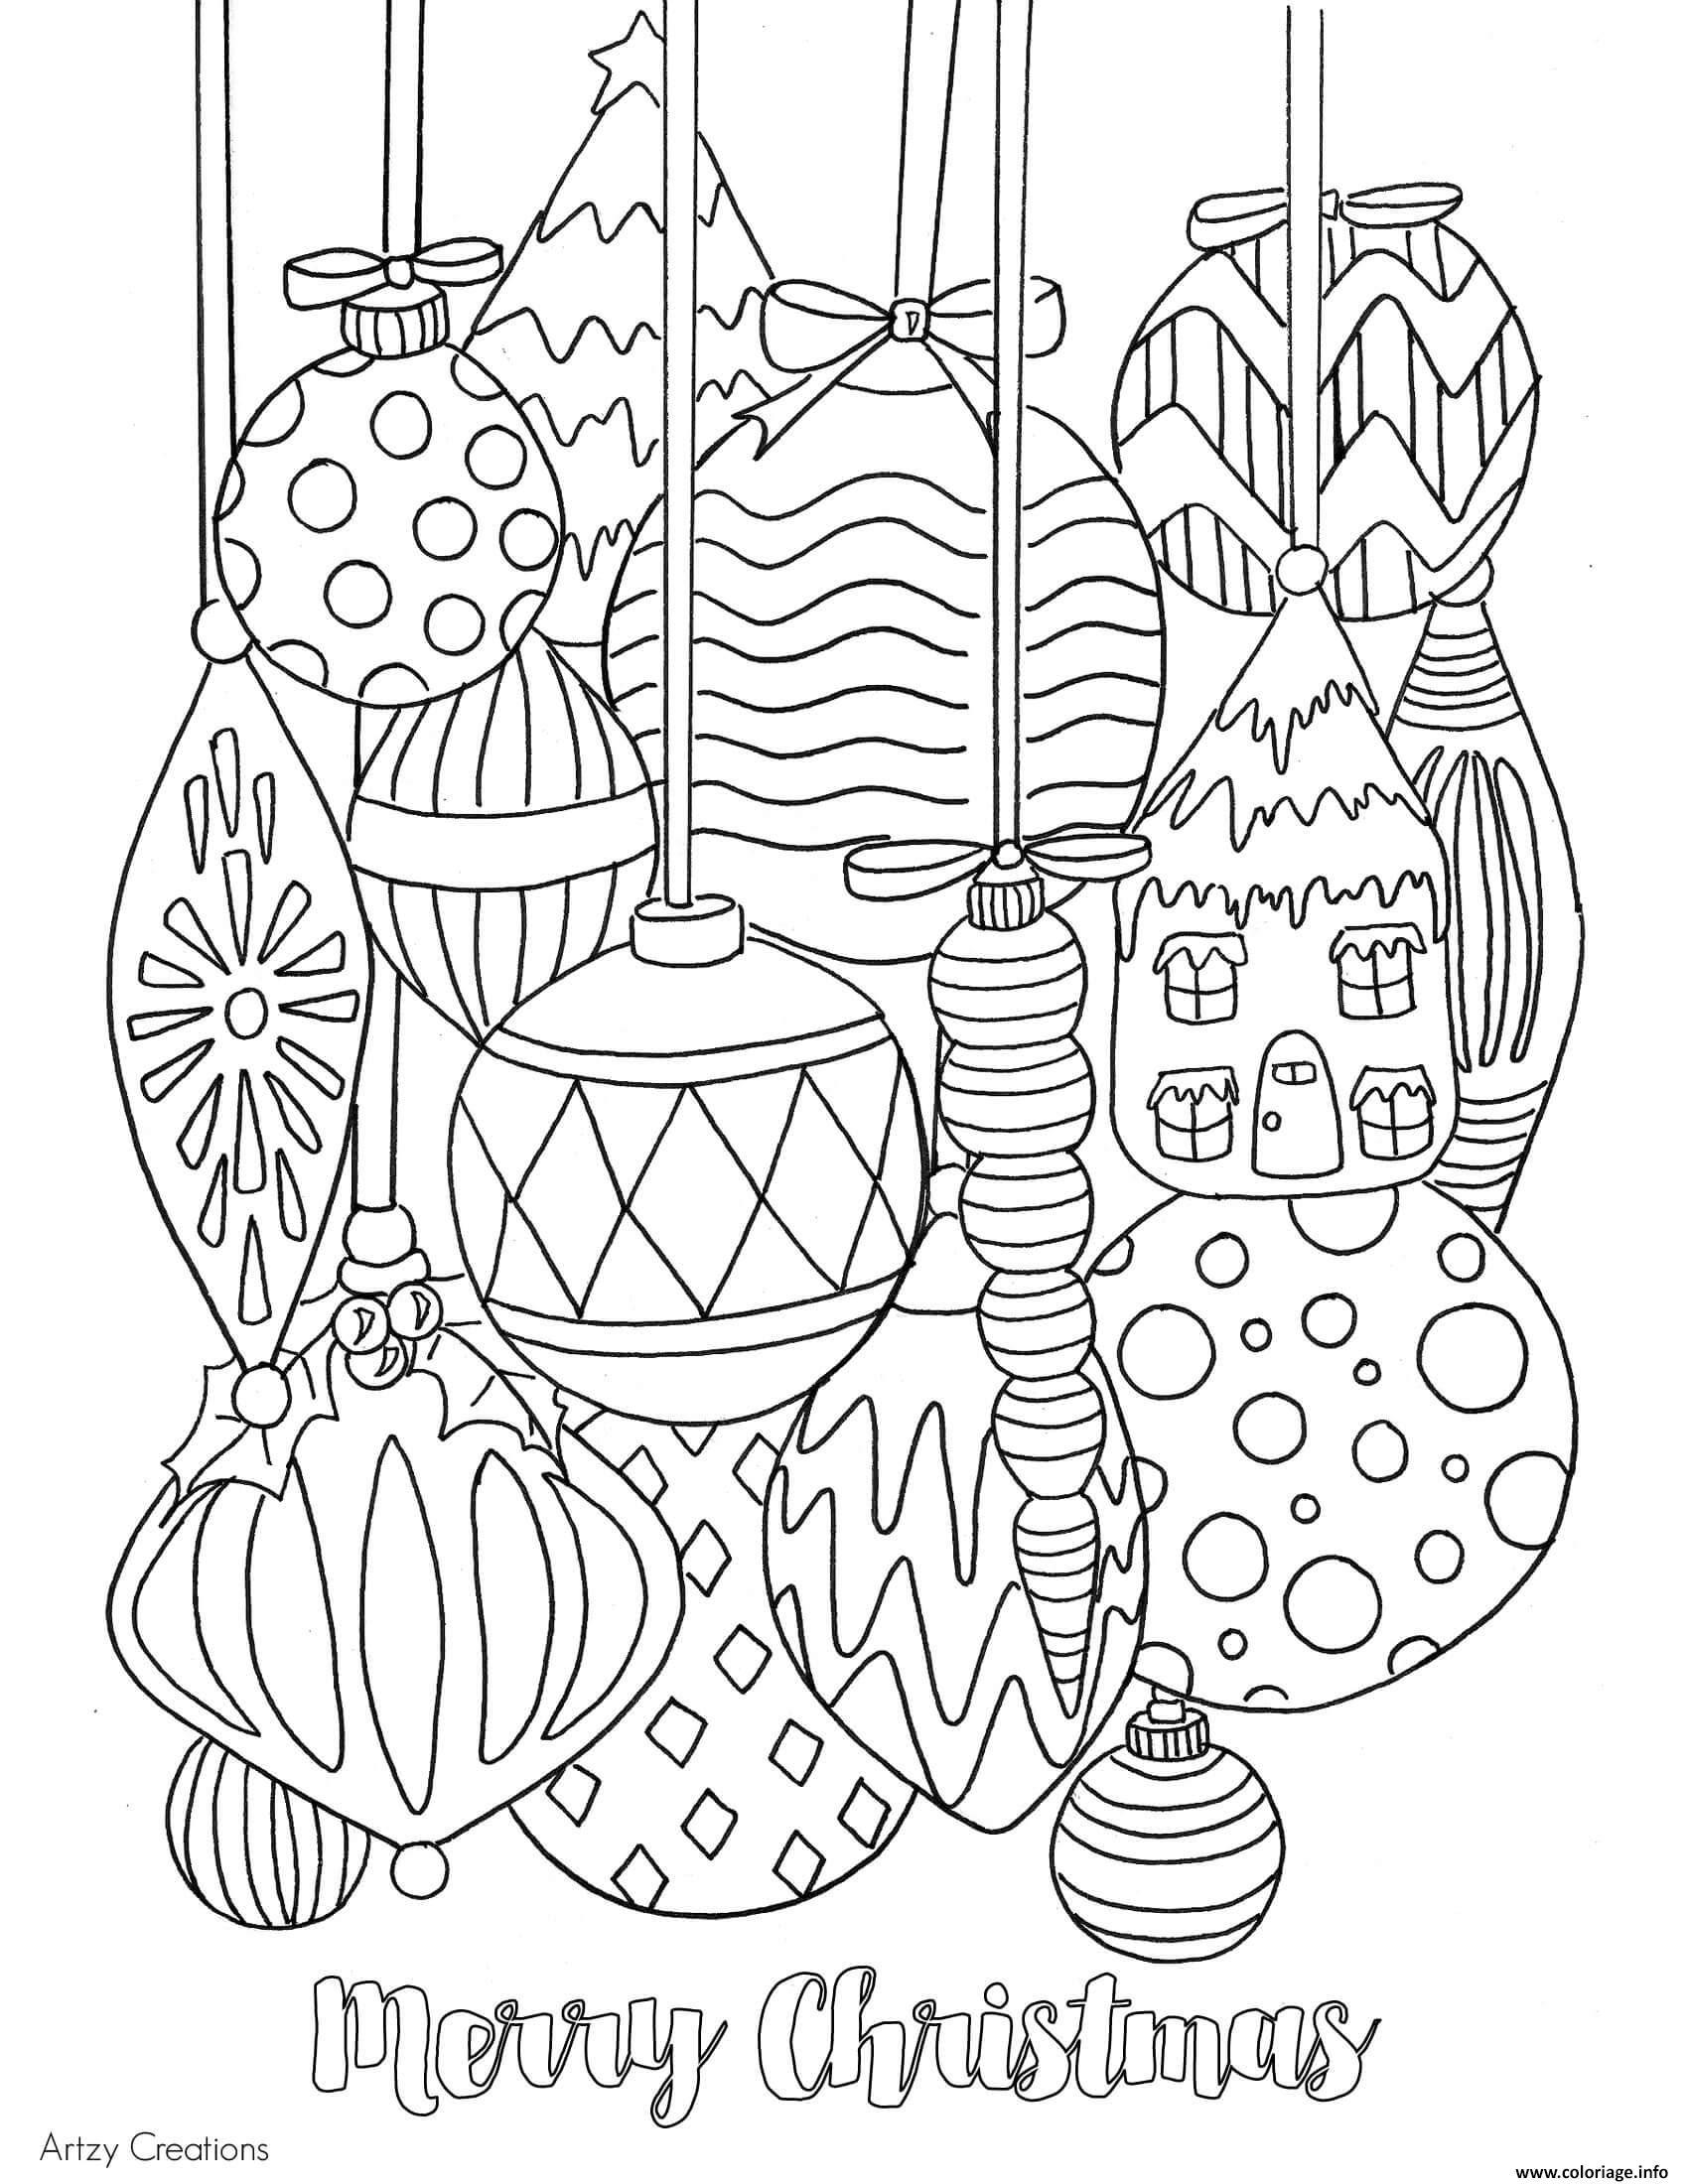 Dessin adulte boules de noel decoration Coloriage Gratuit  Imprimer